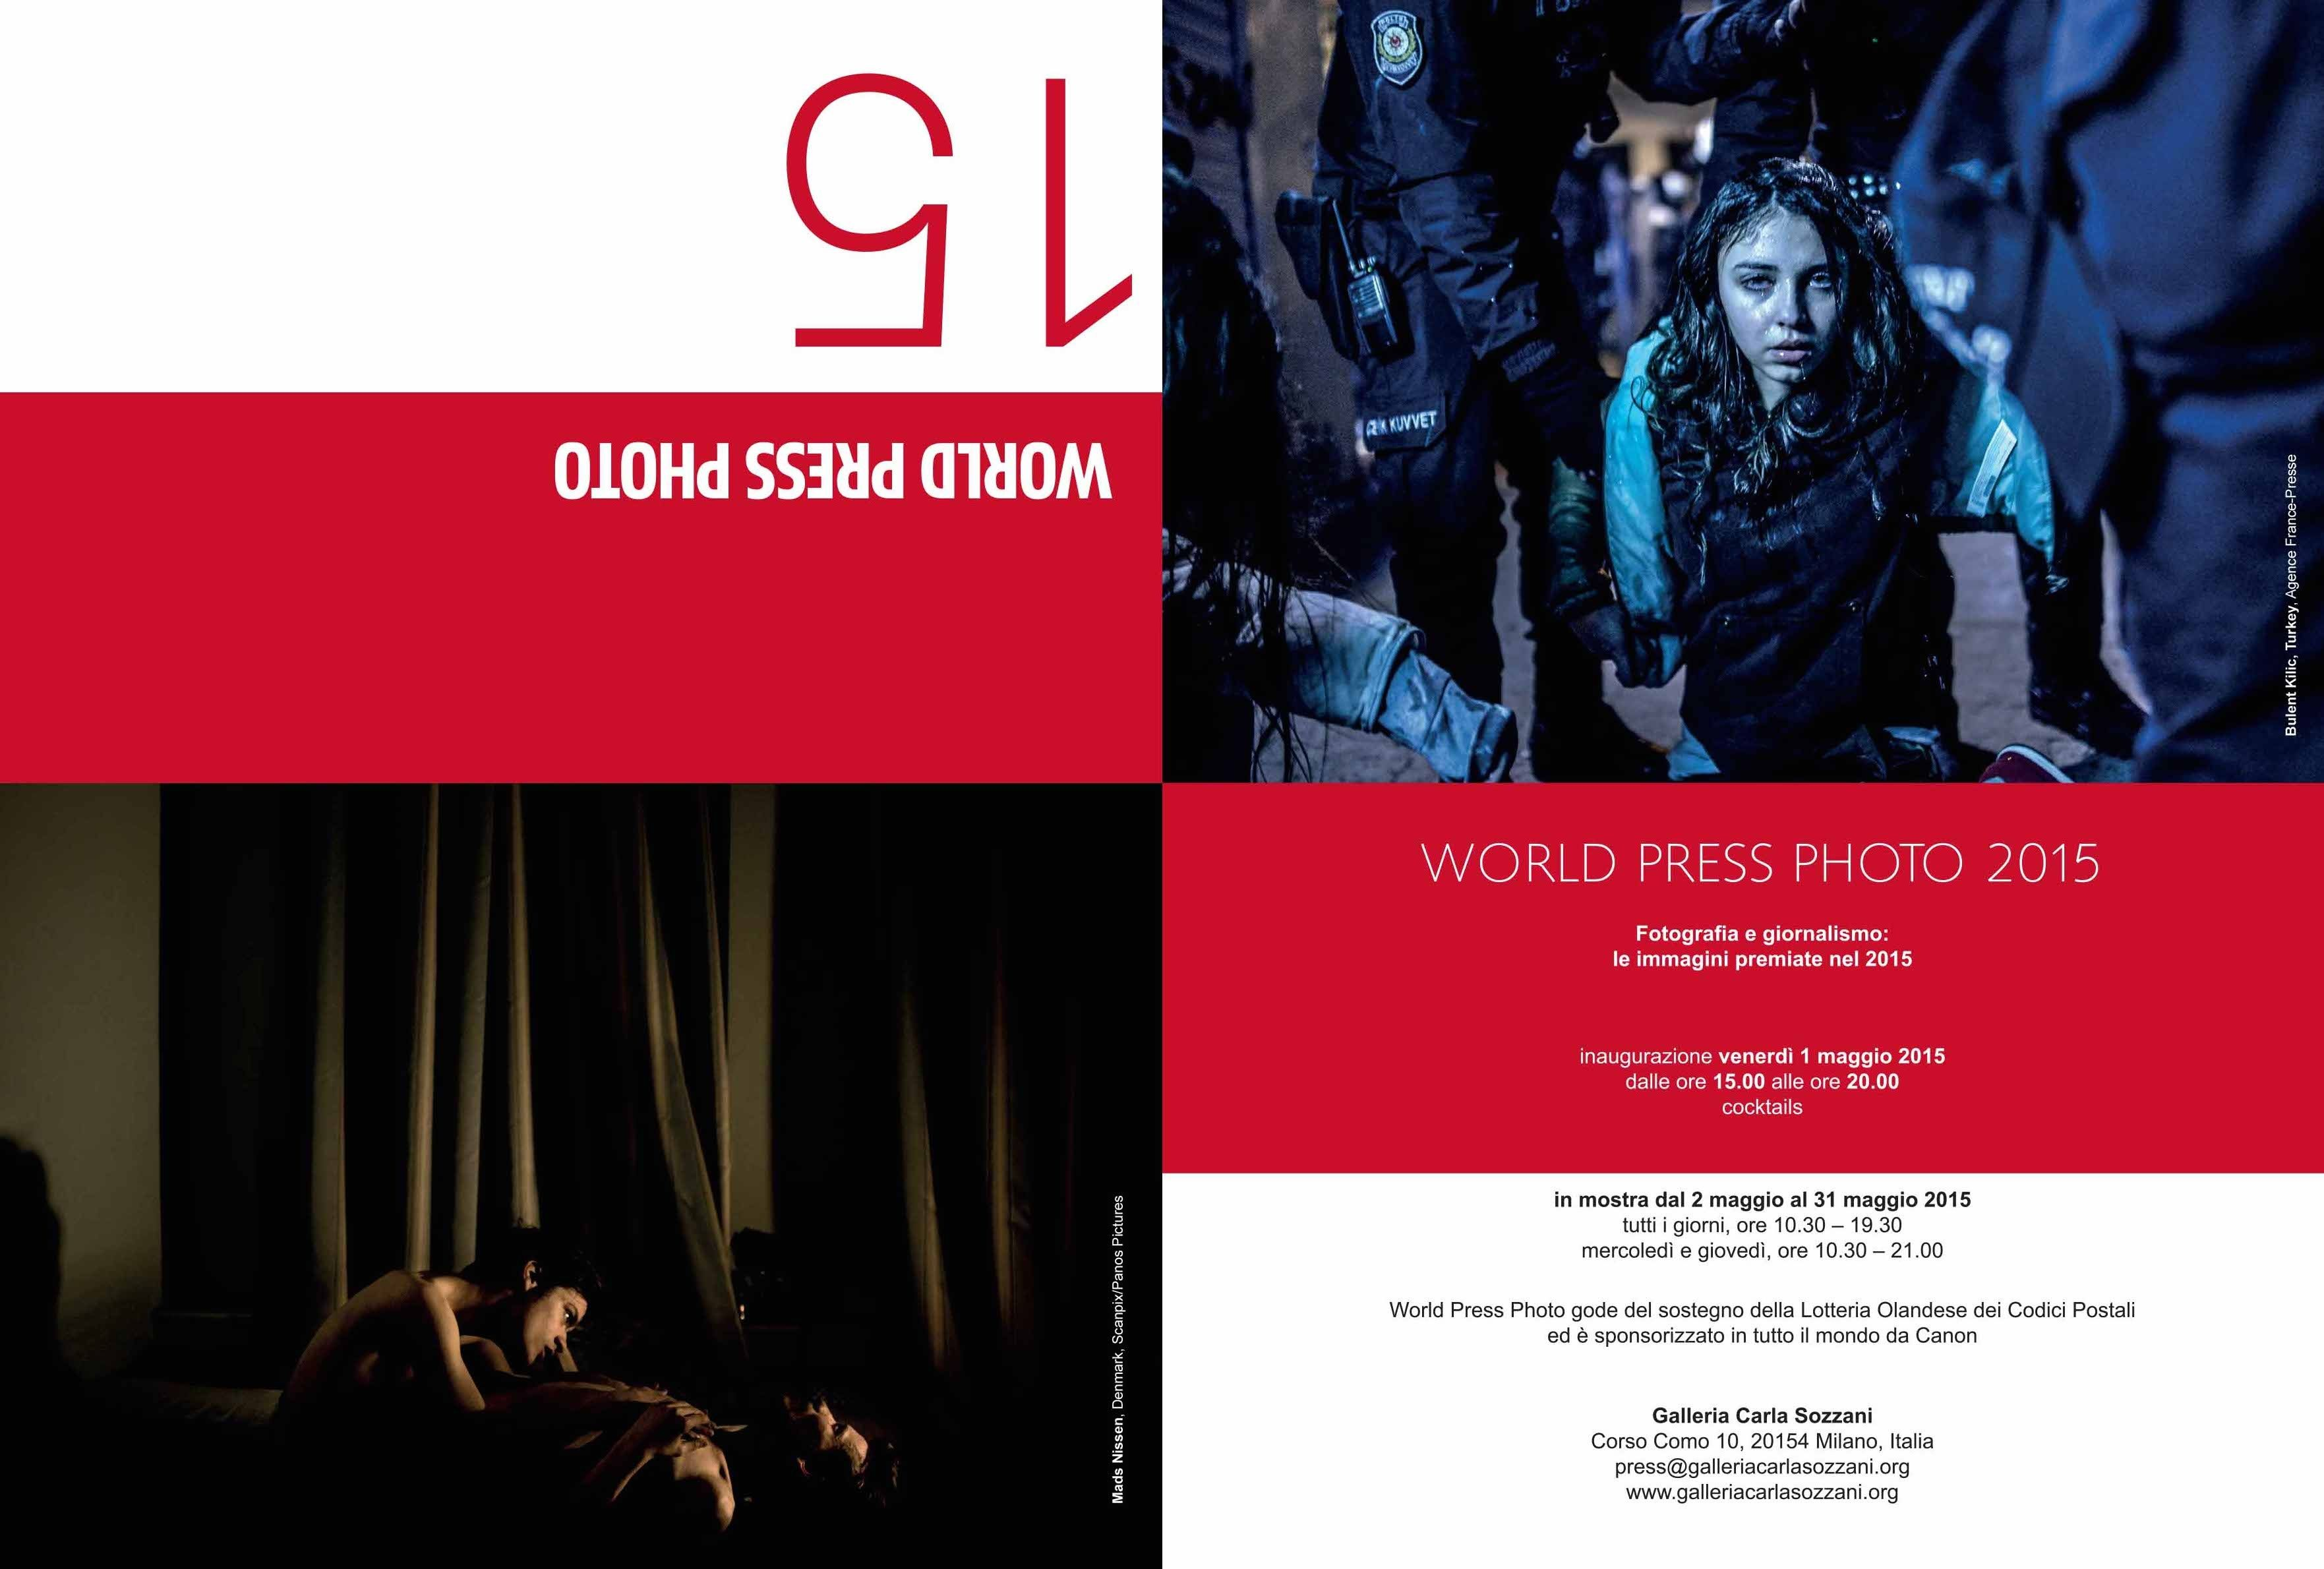 Galleria Carla Sozzani (World Press Photo Exhibit 2015)